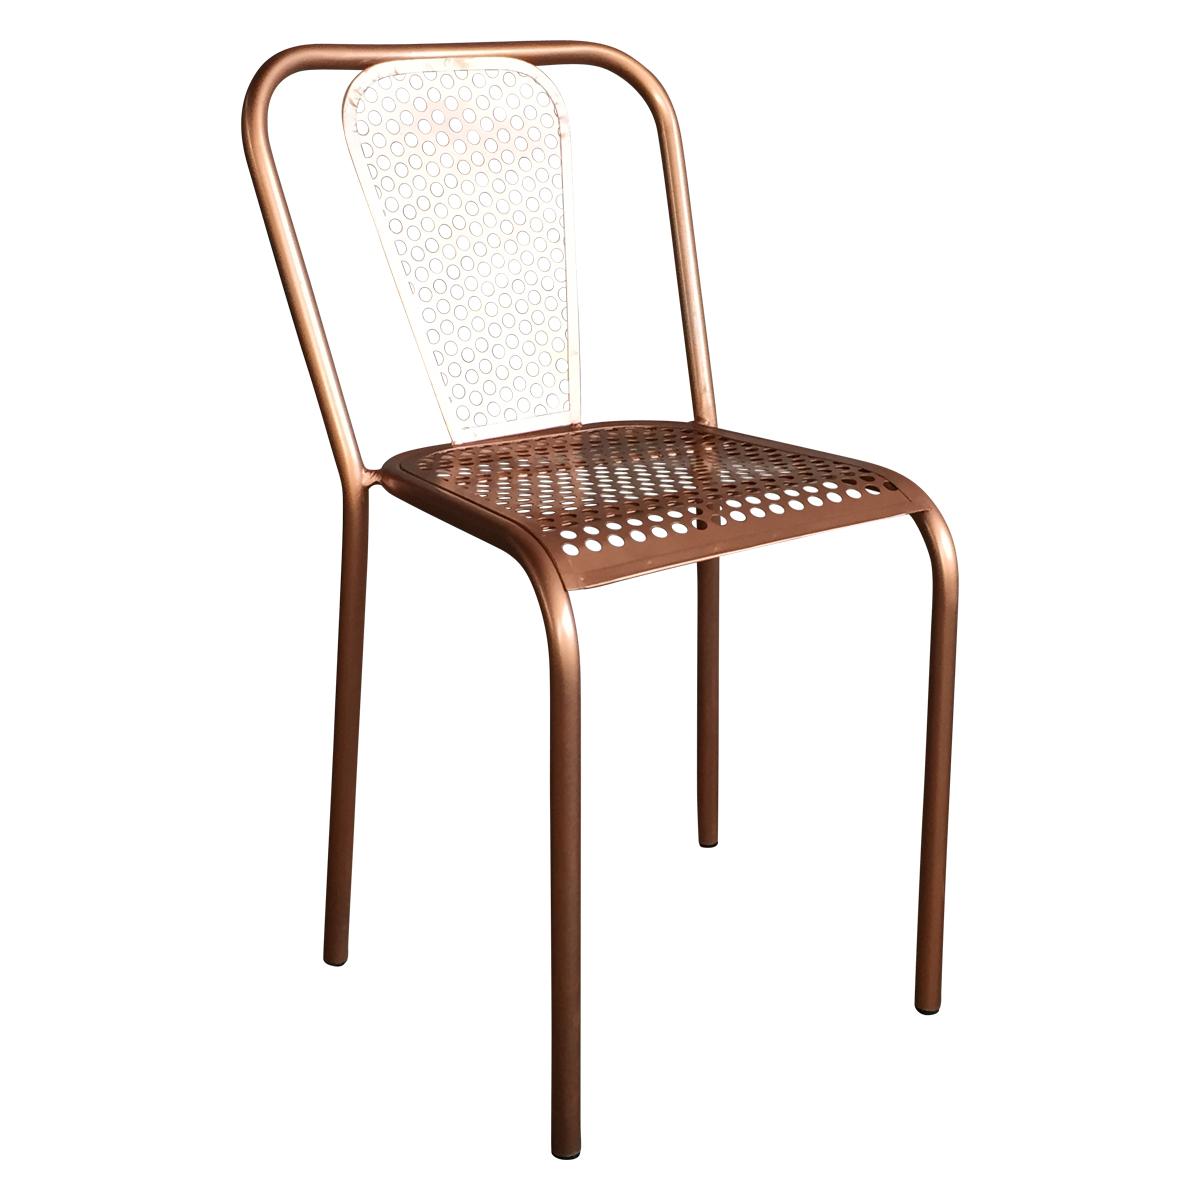 chaise en metal style vintage couleur cuivree